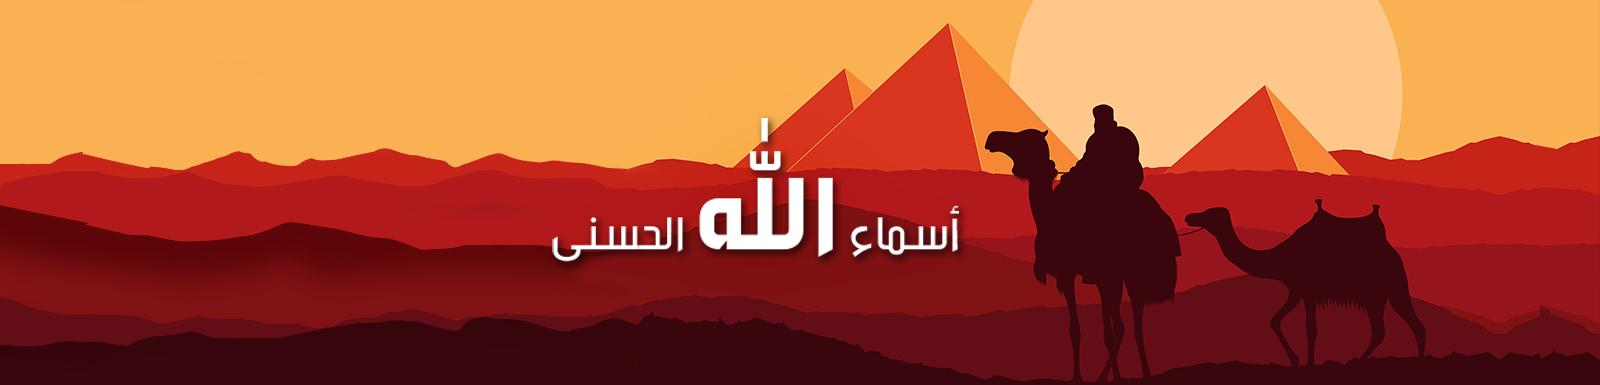 تحميل مسلسل اسماء الله الحسنى الحلقة 8